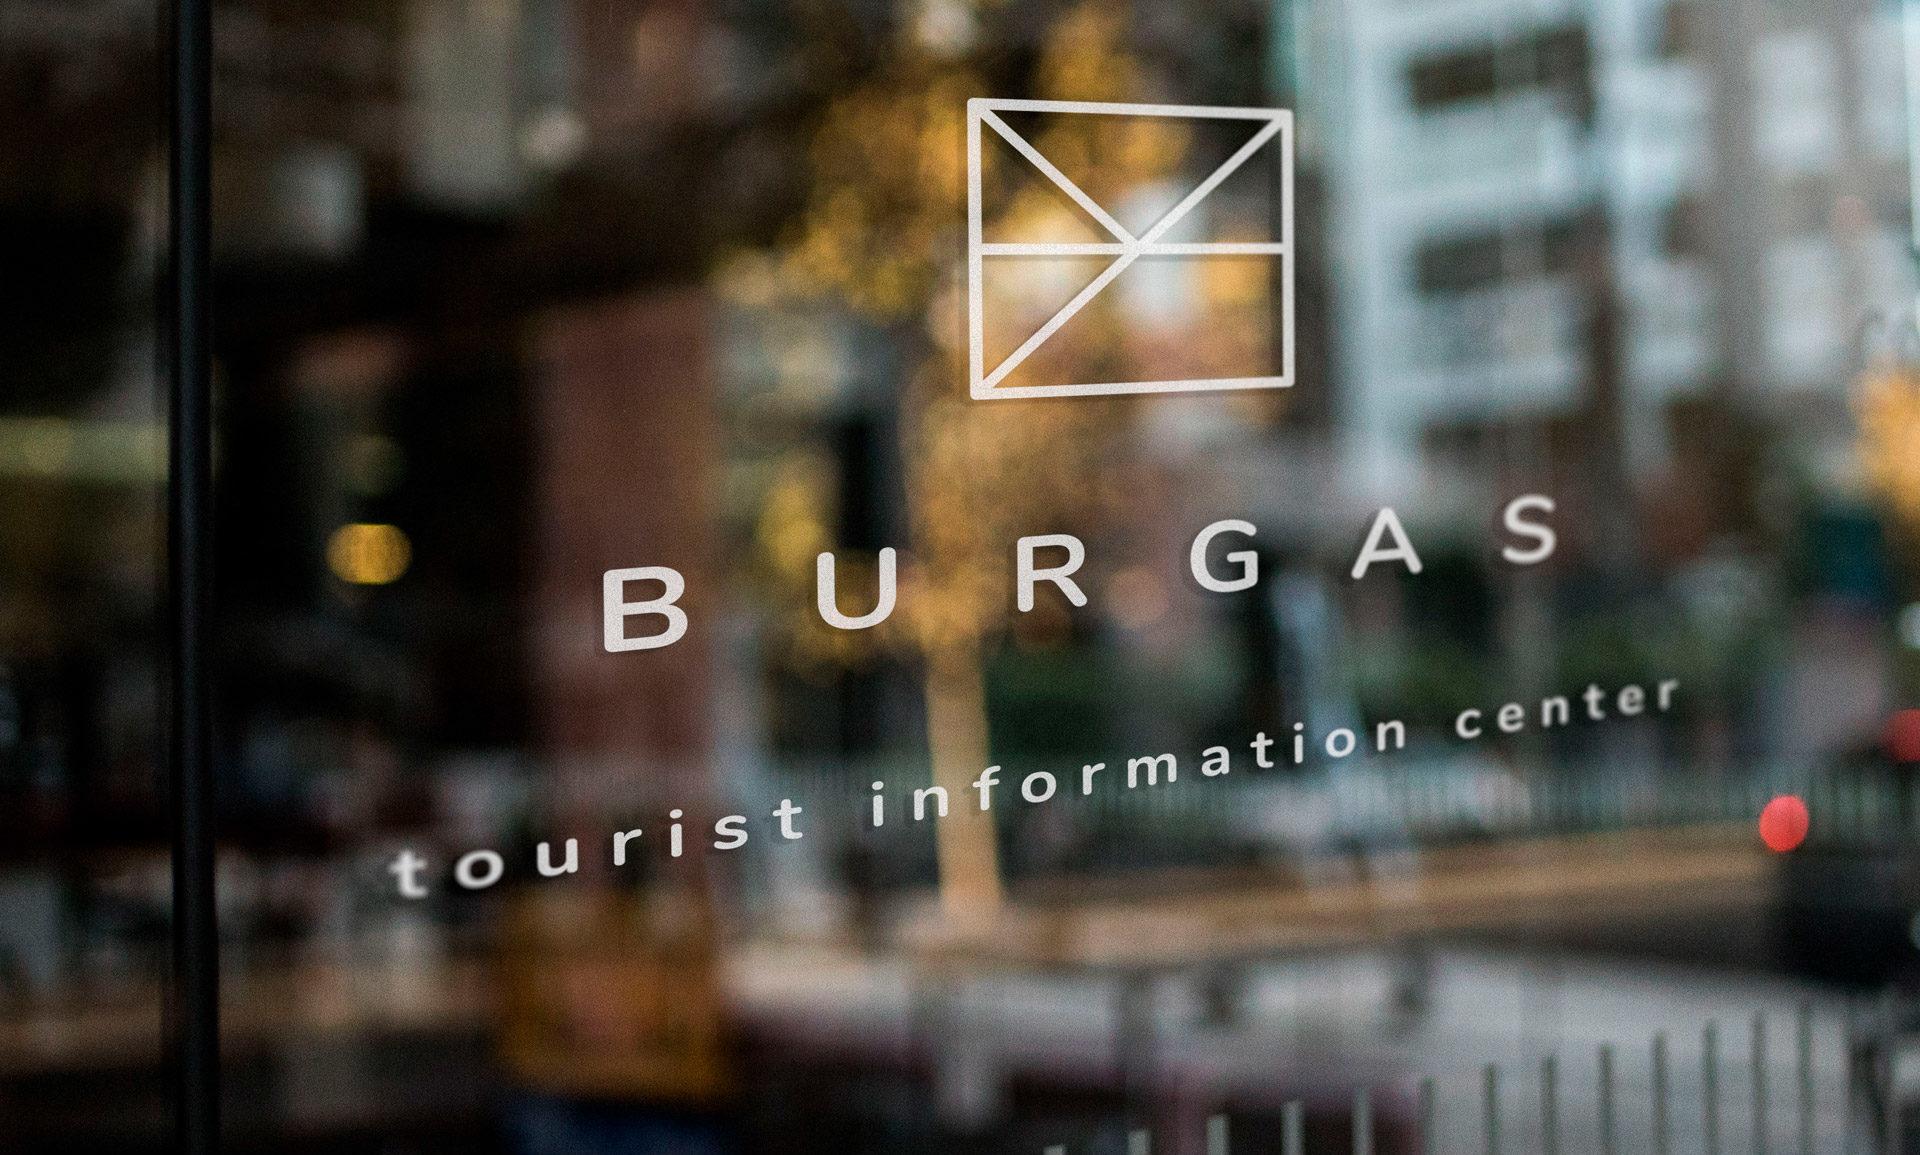 burgas-5